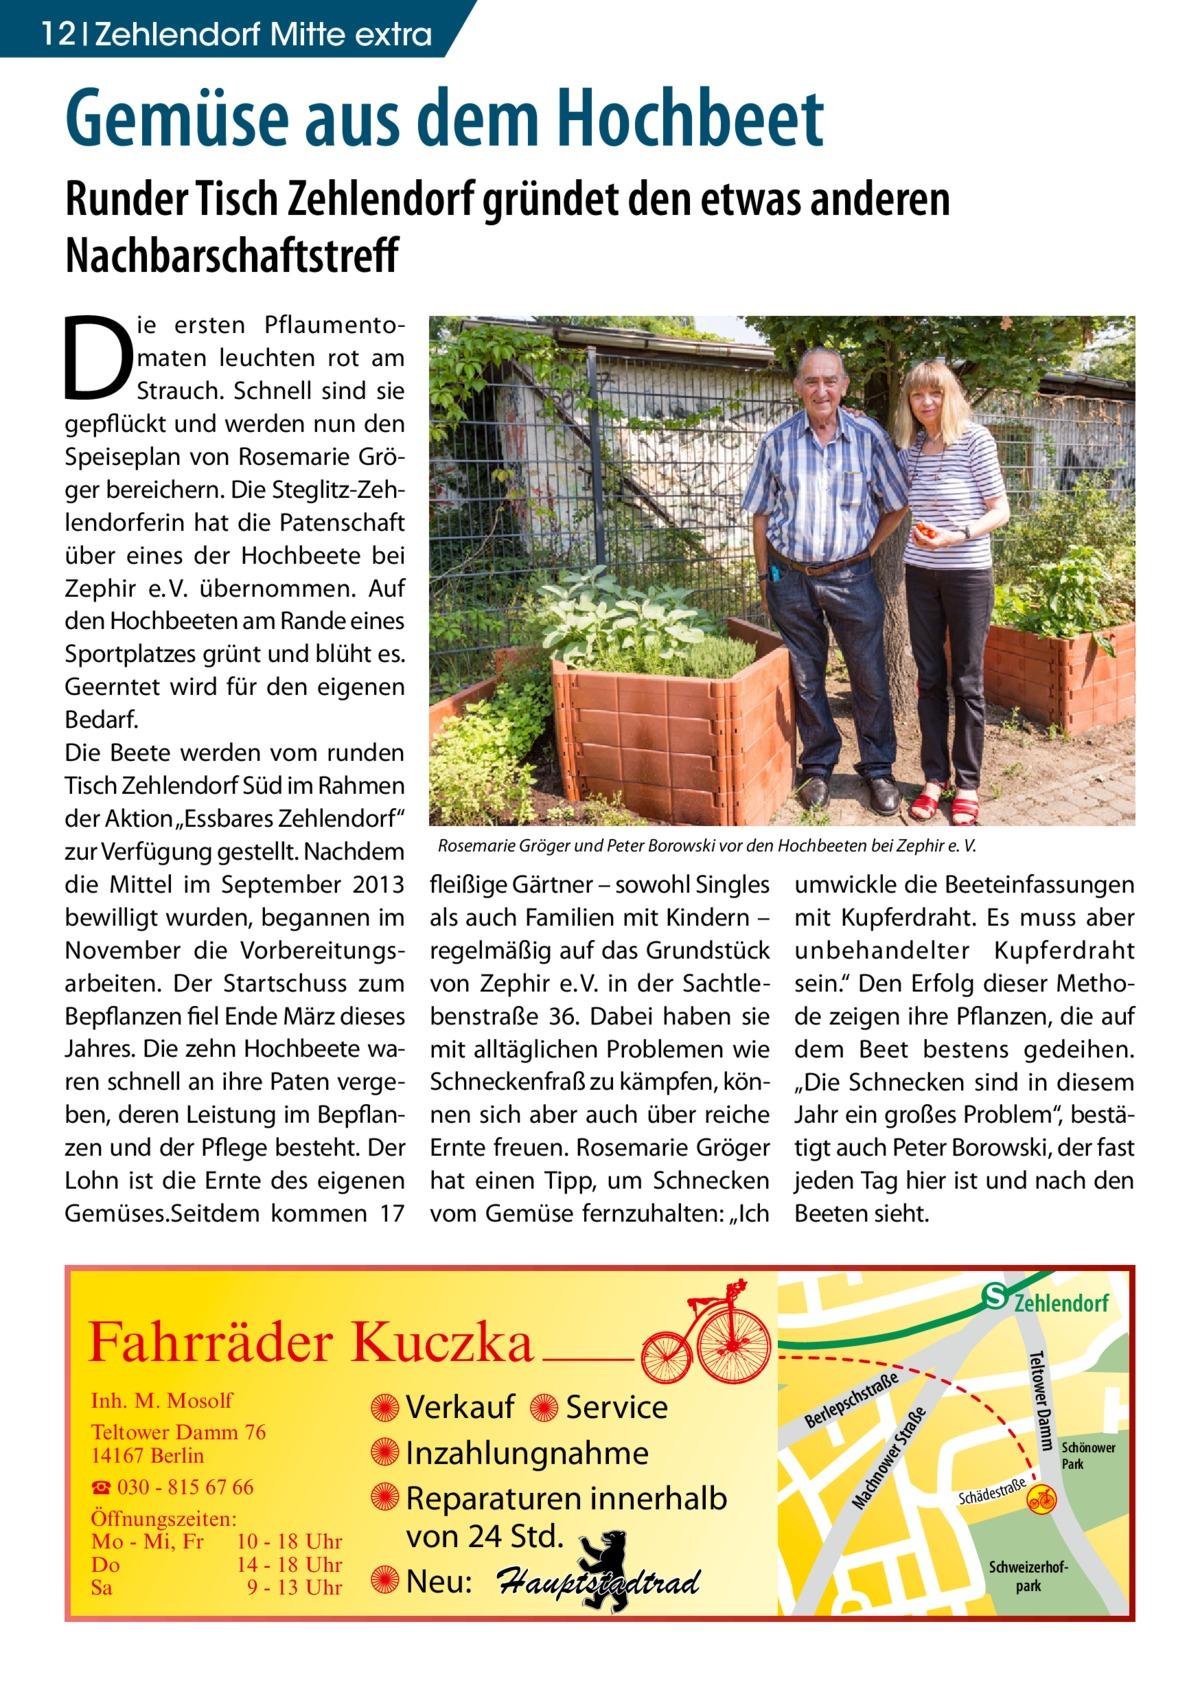 """12 Zehlendorf Mitte extra  Gemüse aus dem Hochbeet  Runder Tisch Zehlendorf gründet den etwas anderen Nachbarschaftstreff  D  ie ersten Pflaumentomaten leuchten rot am Strauch. Schnell sind sie gepflückt und werden nun den Speiseplan von Rosemarie Gröger bereichern. Die Steglitz-Zehlendorferin hat die Patenschaft über eines der Hochbeete bei Zephir e.V. übernommen. Auf den Hochbeeten am Rande eines Sportplatzes grünt und blüht es. Geerntet wird für den eigenen Bedarf. Die Beete werden vom runden Tisch Zehlendorf Süd im Rahmen der Aktion """"Essbares Zehlendorf"""" zur Verfügung gestellt. Nachdem die Mittel im September 2013 bewilligt wurden, begannen im November die Vorbereitungsarbeiten. Der Startschuss zum Bepflanzen fiel Ende März dieses Jahres. Die zehn Hochbeete waren schnell an ihre Paten vergeben, deren Leistung im Bepflanzen und der Pflege besteht. Der Lohn ist die Ernte des eigenen Gemüses.Seitdem kommen 17  Rosemarie Gröger und Peter Borowski vor den Hochbeeten bei Zephir e. V.  fleißige Gärtner – sowohl Singles als auch Familien mit Kindern – regelmäßig auf das Grundstück von Zephir e.V. in der Sachtlebenstraße 36. Dabei haben sie mit alltäglichen Problemen wie Schneckenfraß zu kämpfen, können sich aber auch über reiche Ernte freuen. Rosemarie Gröger hat einen Tipp, um Schnecken vom Gemüse fernzuhalten: """"Ich  umwickle die Beeteinfassungen mit Kupferdraht. Es muss aber unbehandelter Kupferdraht sein."""" Den Erfolg dieser Methode zeigen ihre Pflanzen, die auf dem Beet bestens gedeihen. """"Die Schnecken sind in diesem Jahr ein großes Problem"""", bestätigt auch Peter Borowski, der fast jeden Tag hier ist und nach den Beeten sieht.  e  ow er S traß chn  Ma  Schönower Park  Schweizerhofpark  Str.  jery str.  str.  andd  ra ße  h rauc  S c hä d e s t  Mühlenstr -H Prinz  e raß  chst  leps  Ber  mm  Verkauf Service Inzahlungnahme Reparaturen innerhalb von 24 Std. Neu: Hauptstadtrad  udstr.  Gertra  Inh. M. Mosolf Teltower Damm 76 14167 Berlin ☎ 030 - 815 67 66 Öffnungszeiten"""